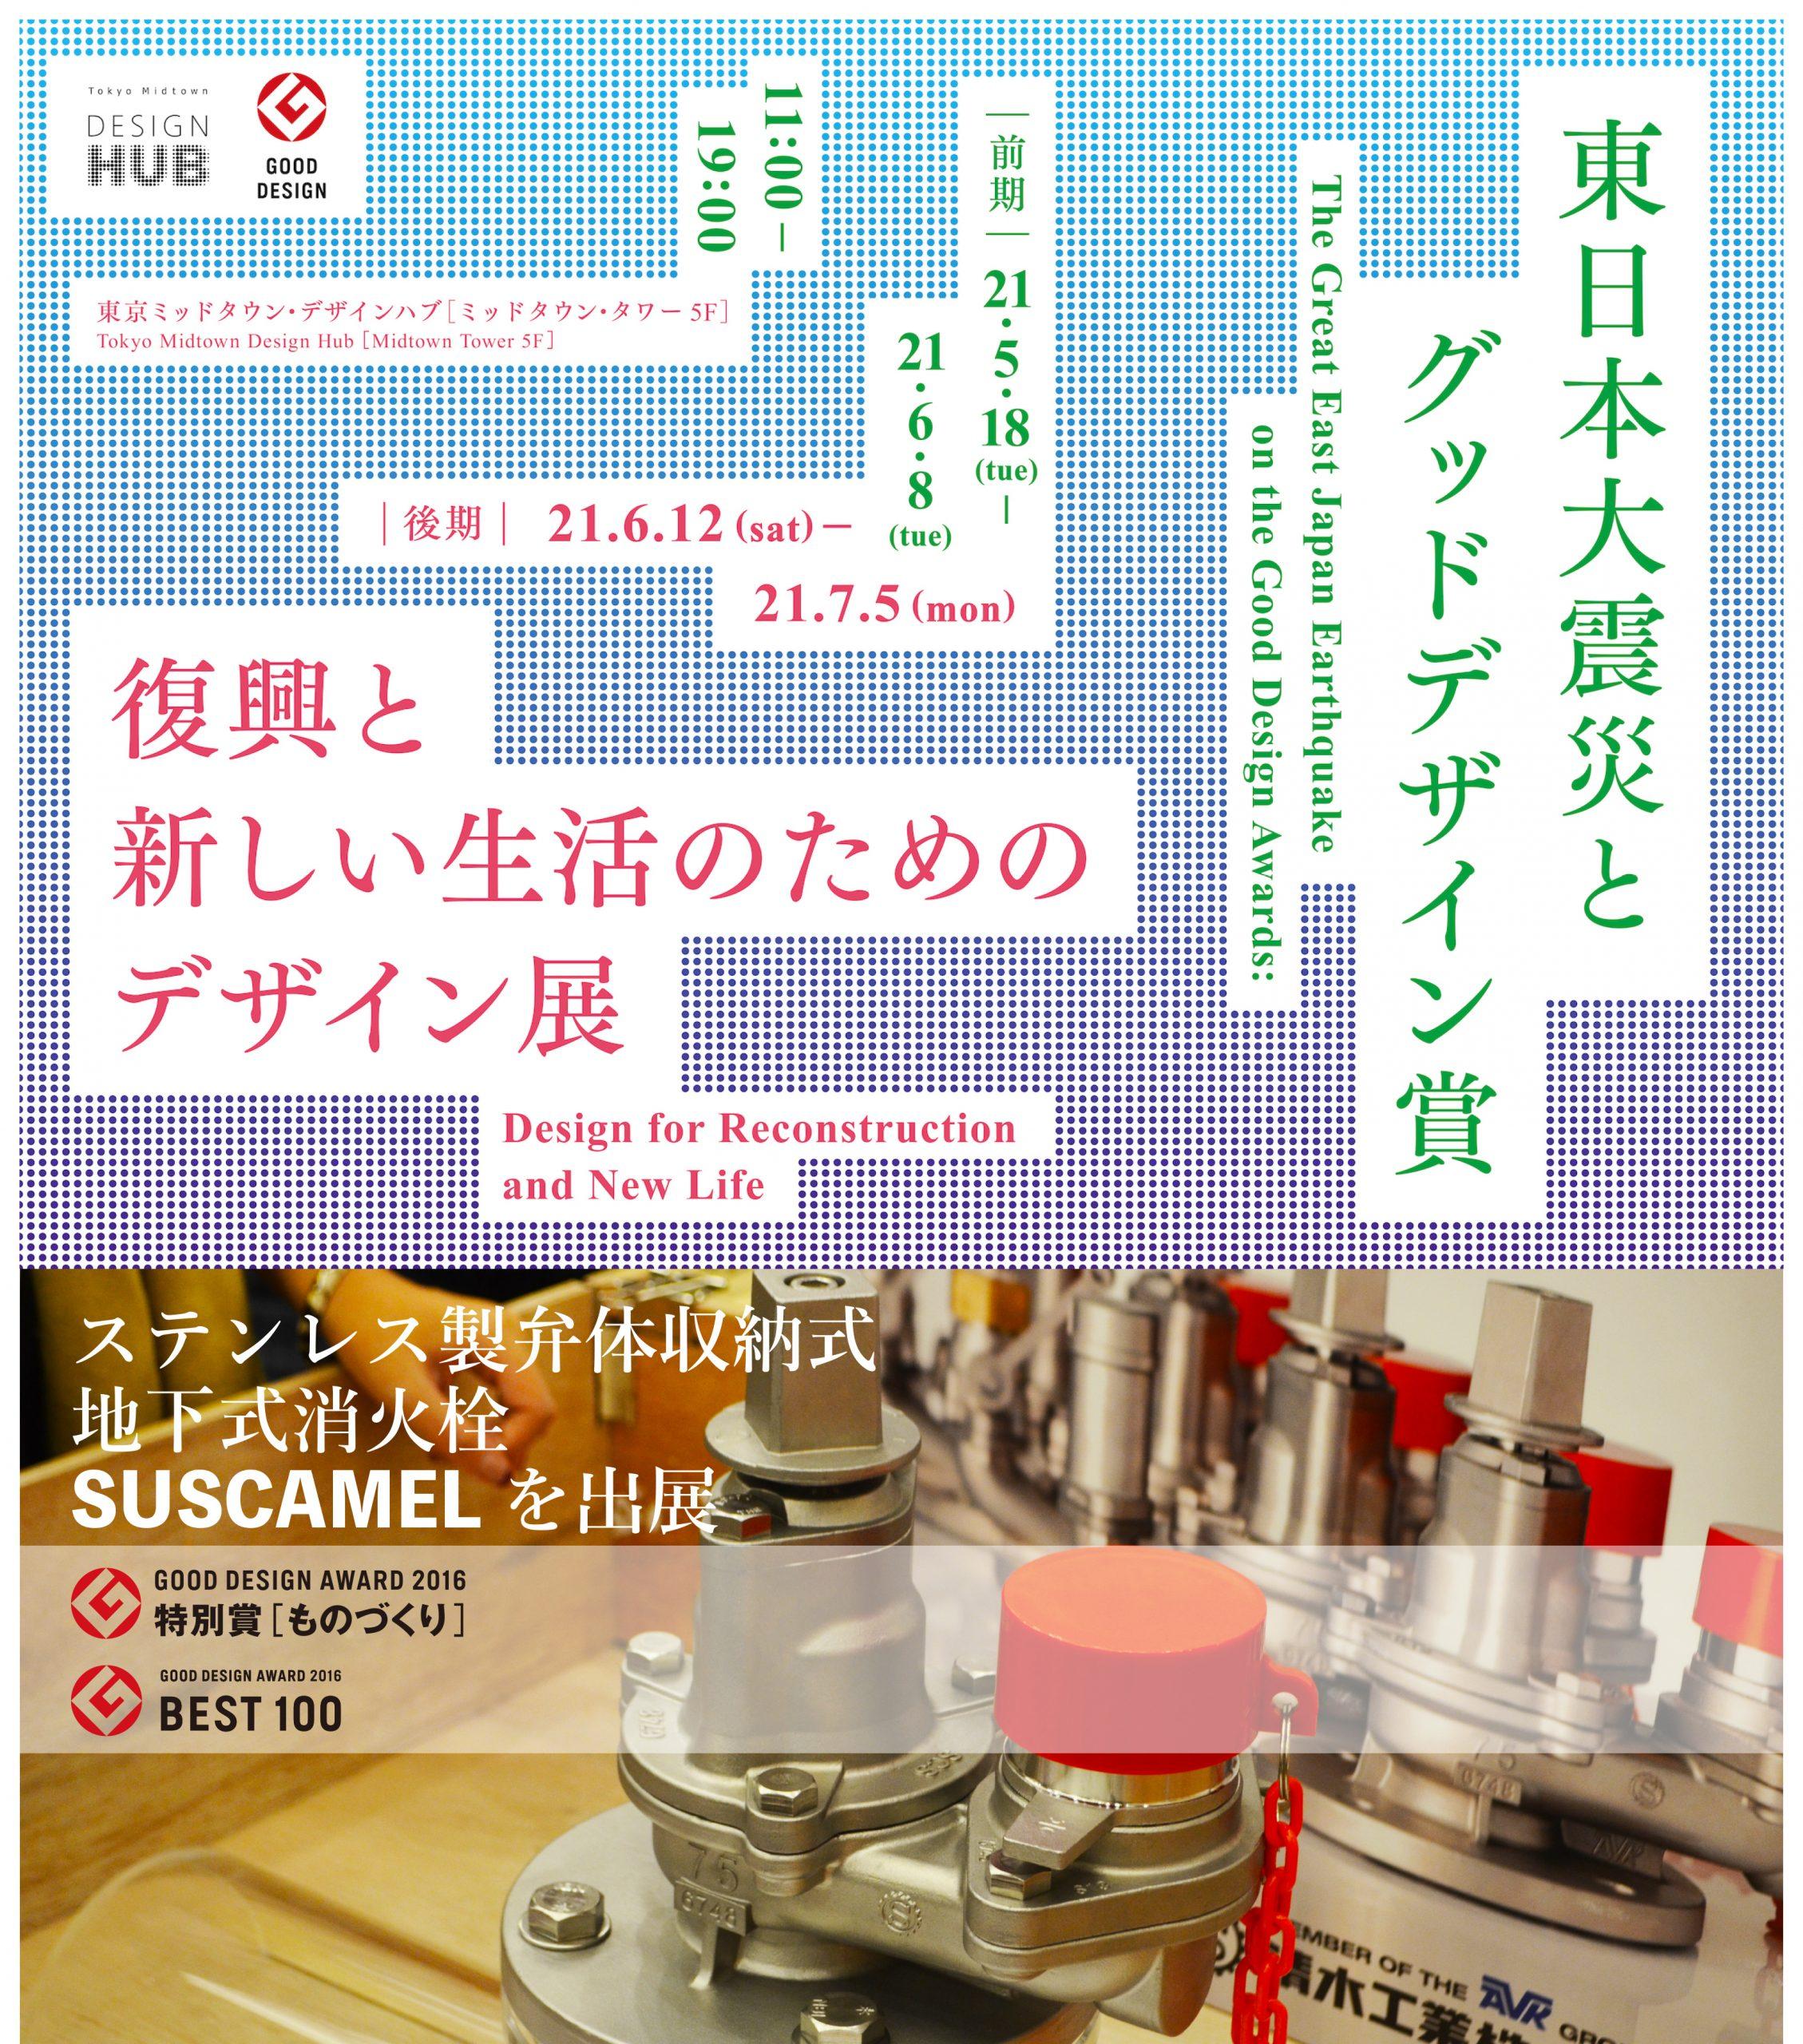 東日本大震災とグッドデザイン賞 復興と新しい生活のためのデザイン展 出展レポート